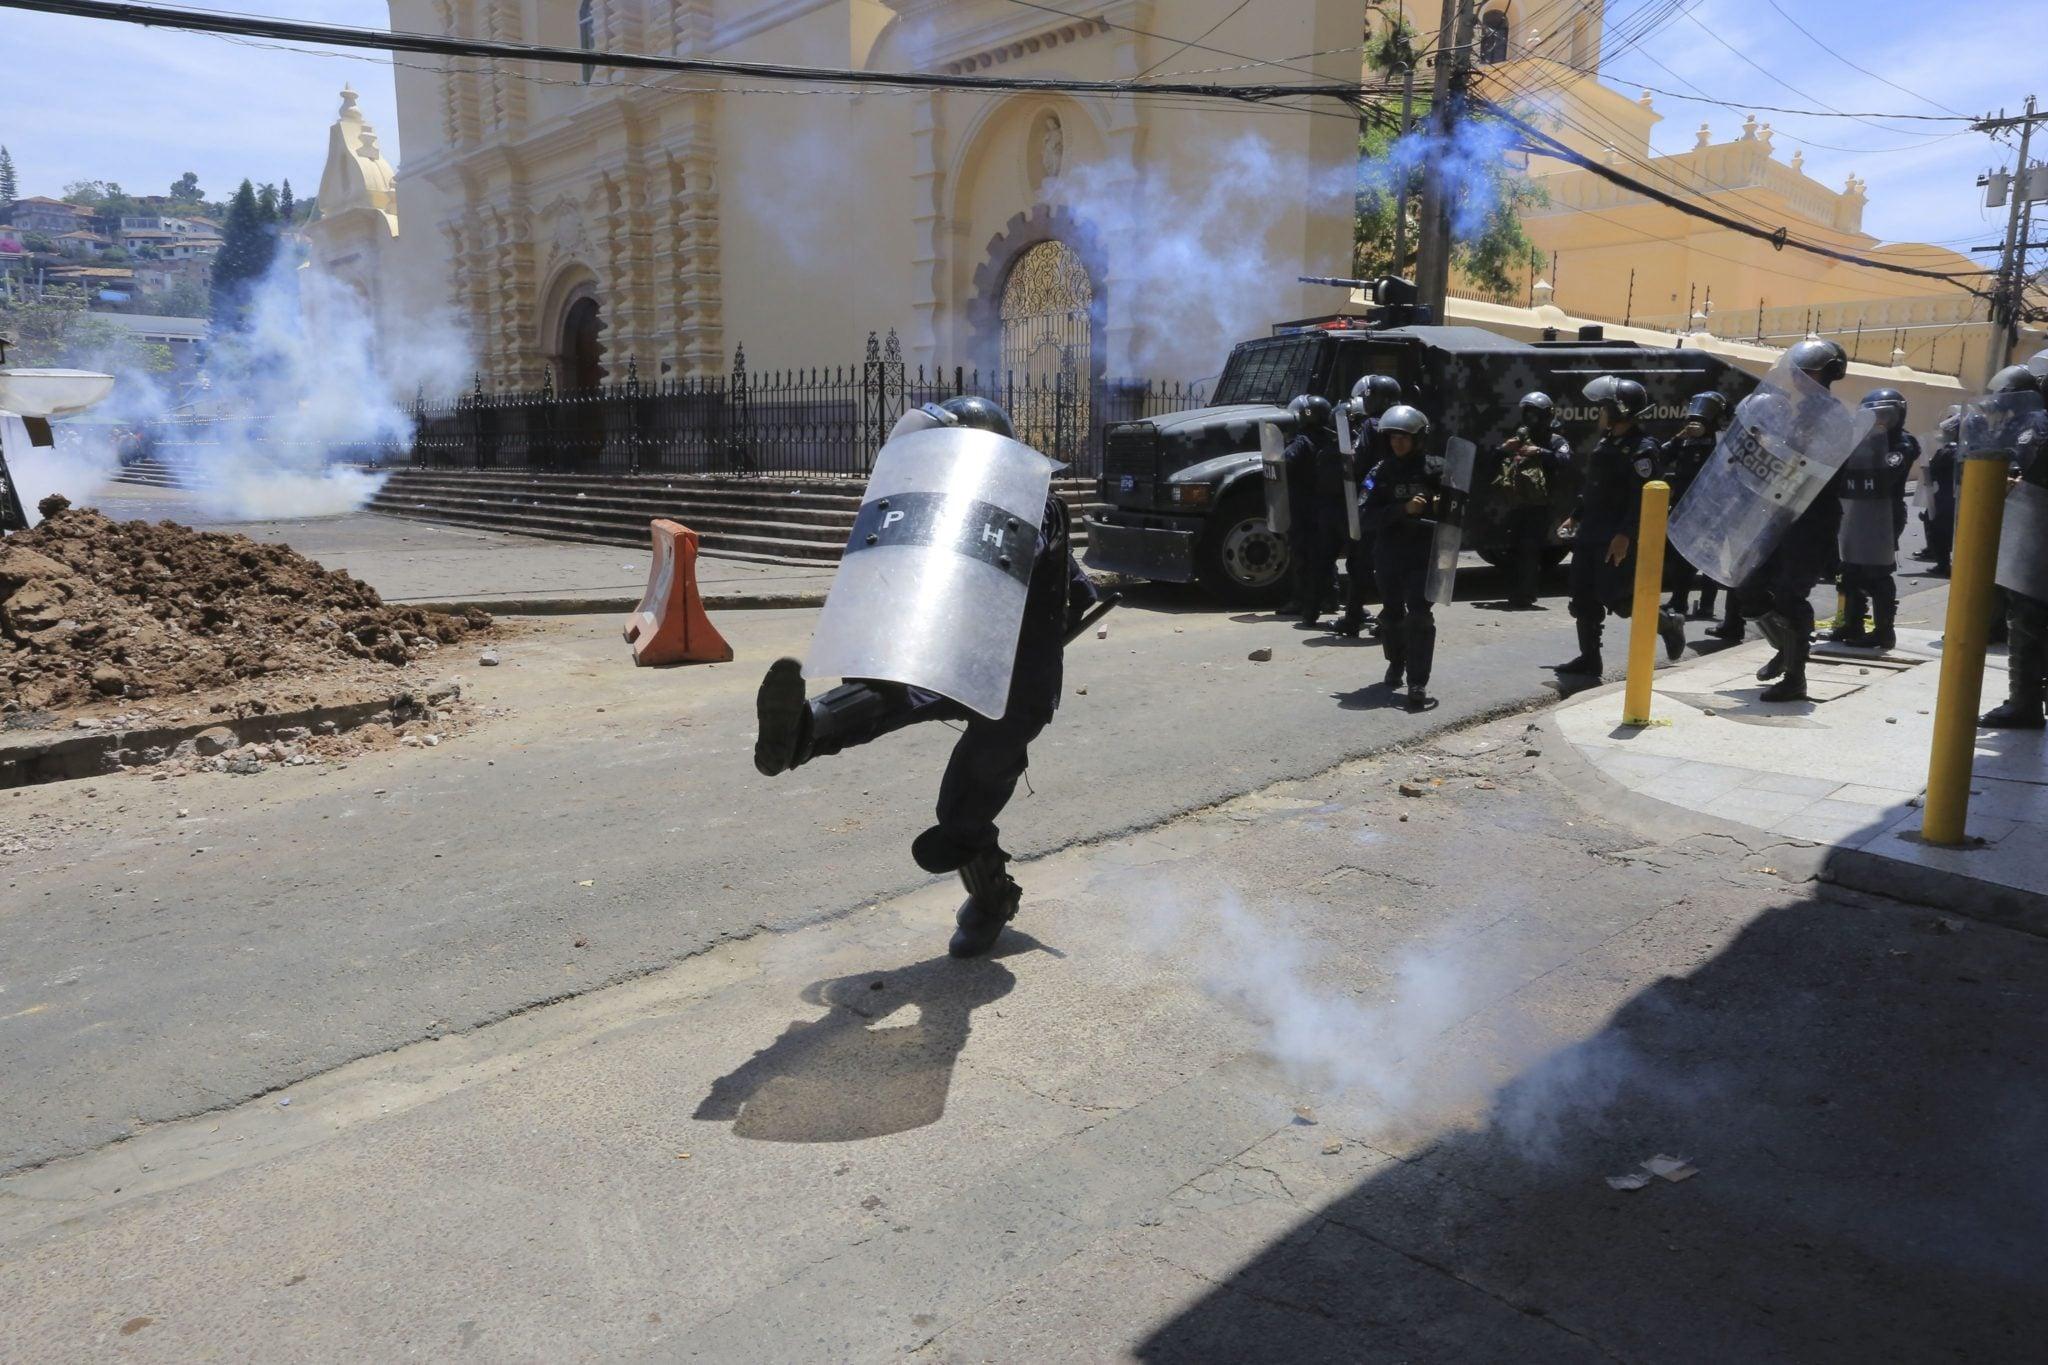 Honduras: demonstracja zorganizowna z okazji Międzynarodowego Dnia Pracy, podobne protesty odbyły się na całym świecie, także w Niemczech, Francji, Meksyku i Kolumbii, fot: Gustavo Amador, PAP/EPA